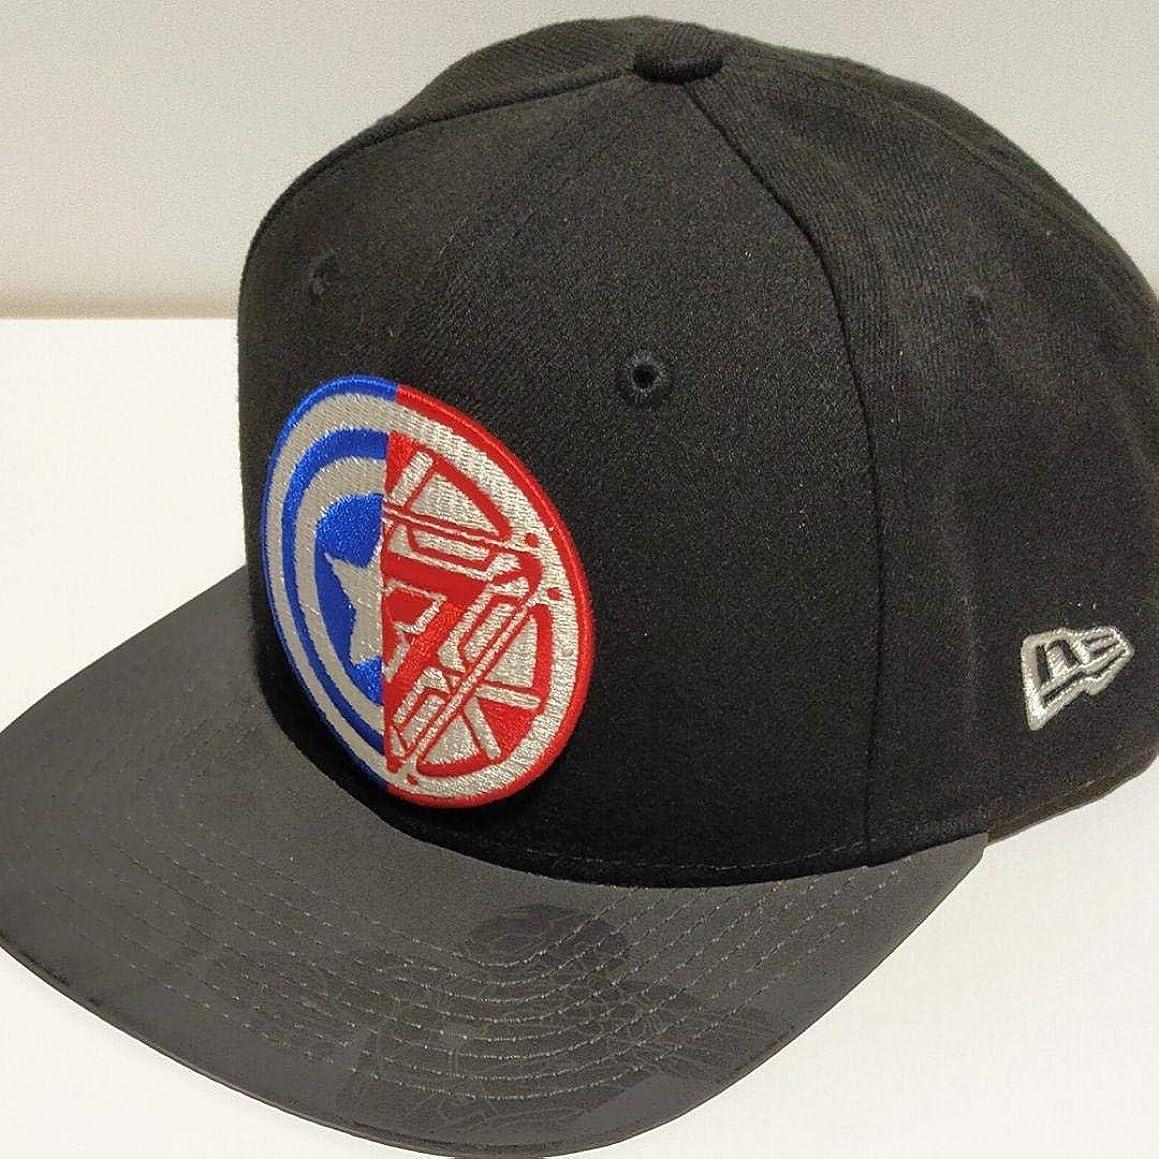 トレース女王フォローアイアンマン キャプテンアメリカ ニューエラ 帽子 キャップ